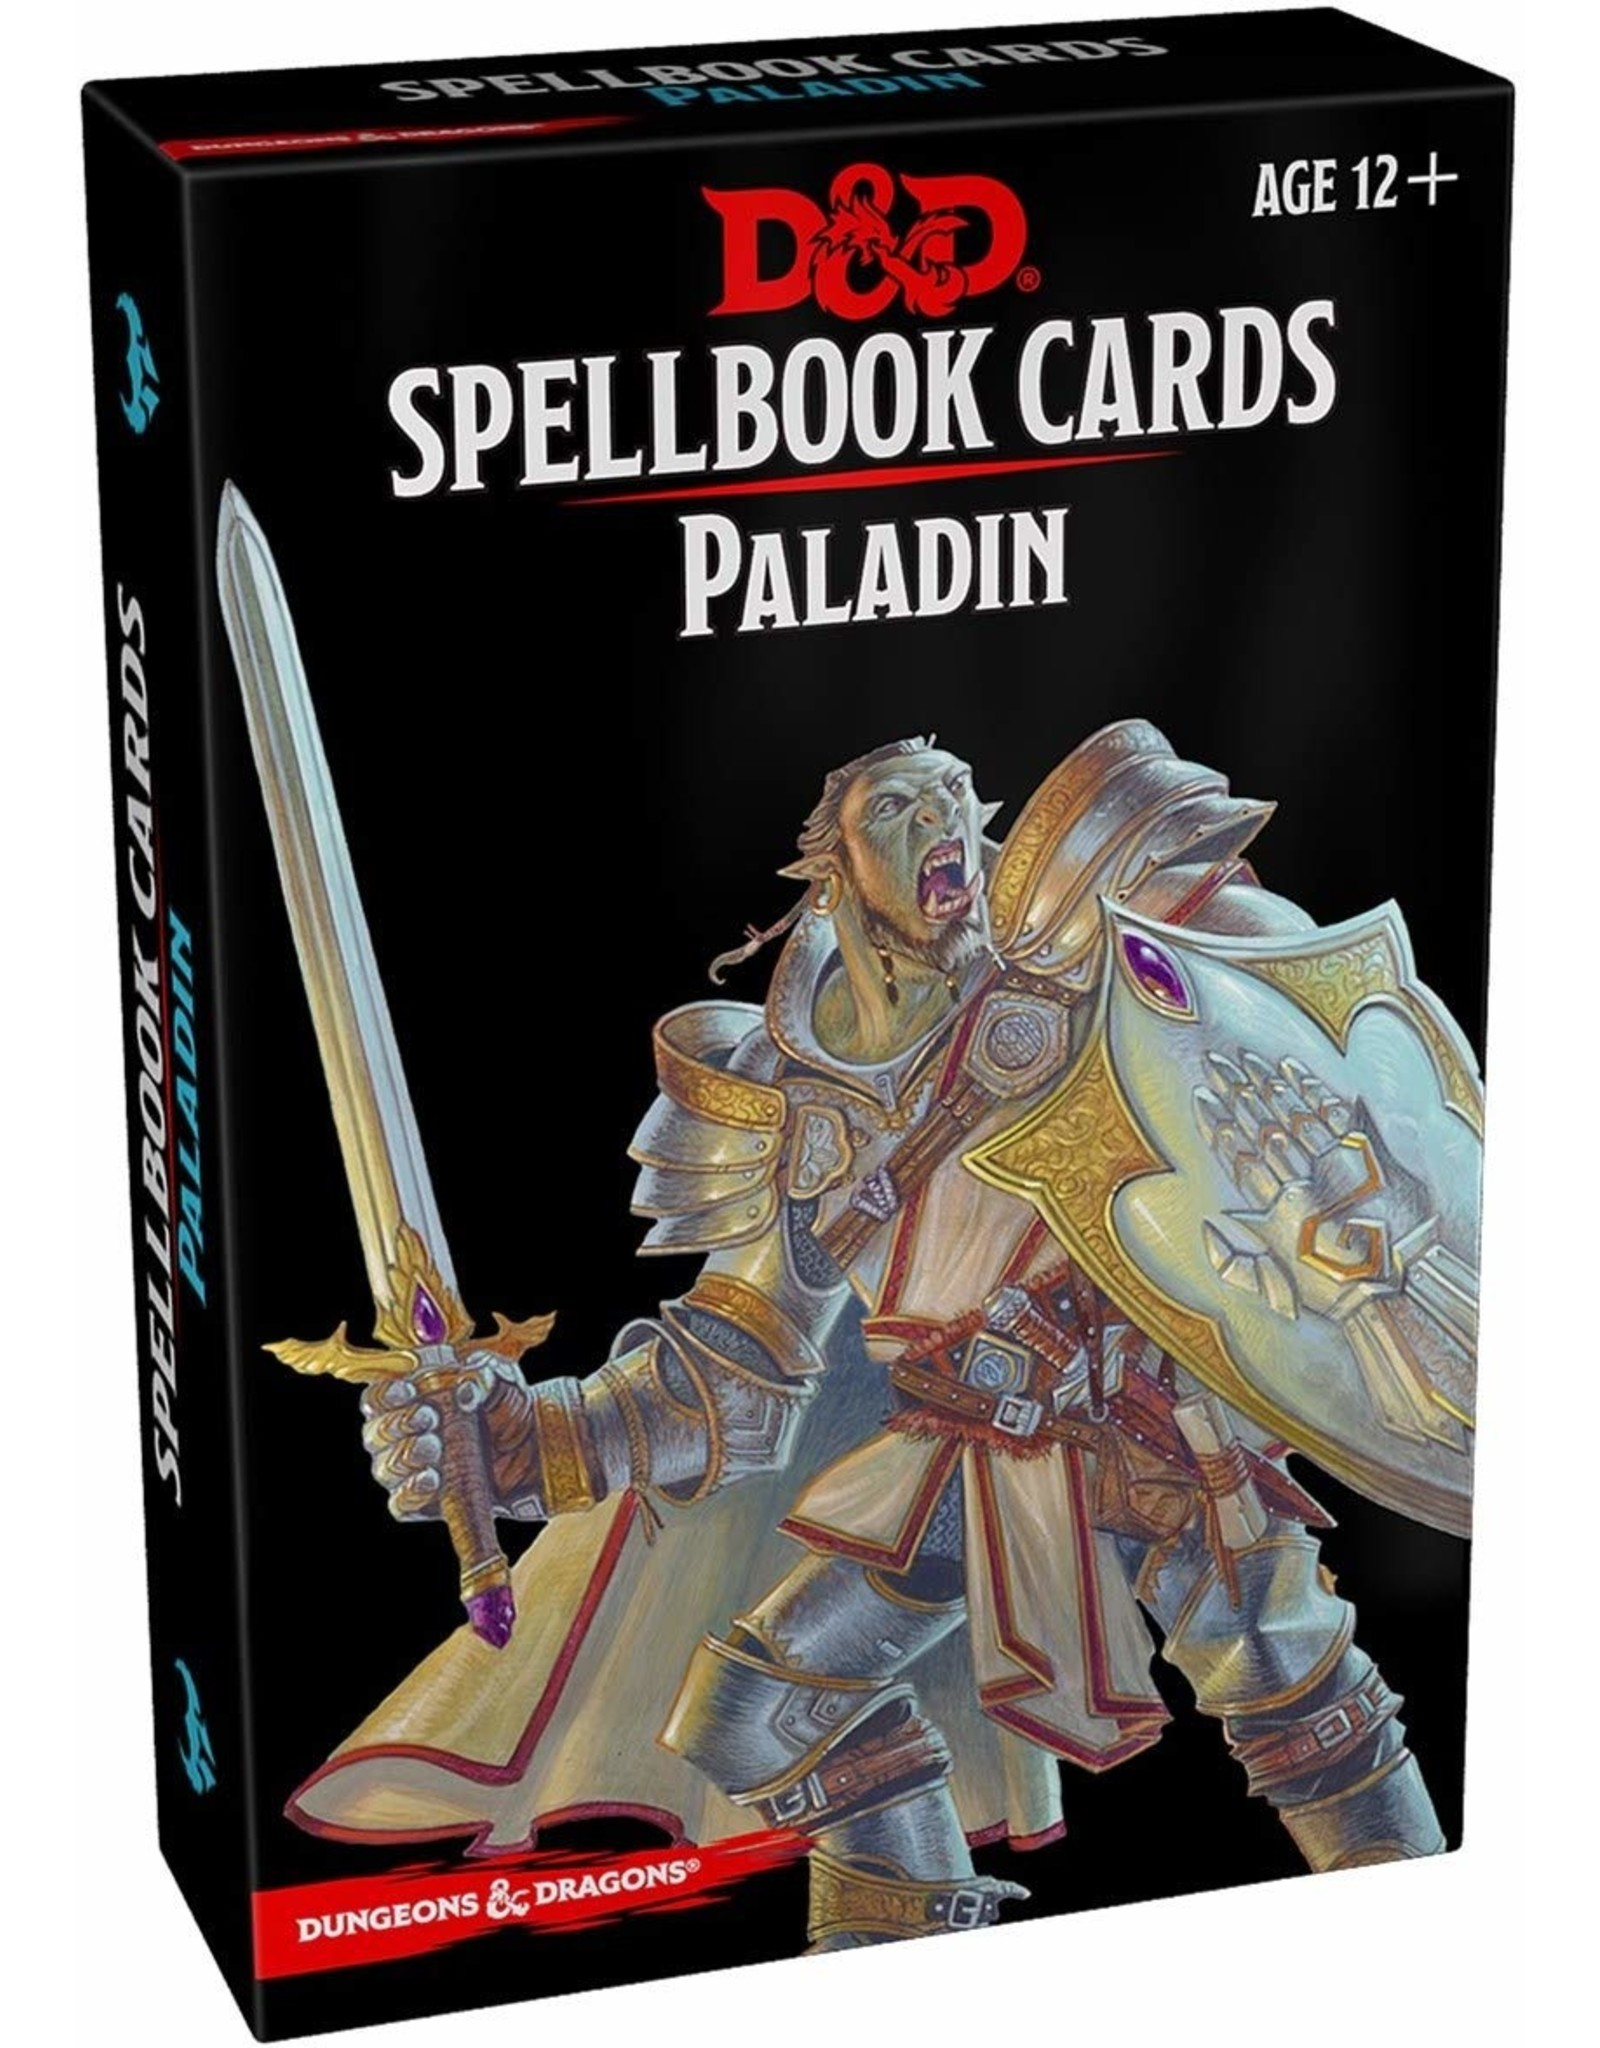 D&D SPELLBOOK CARDS PALADIN